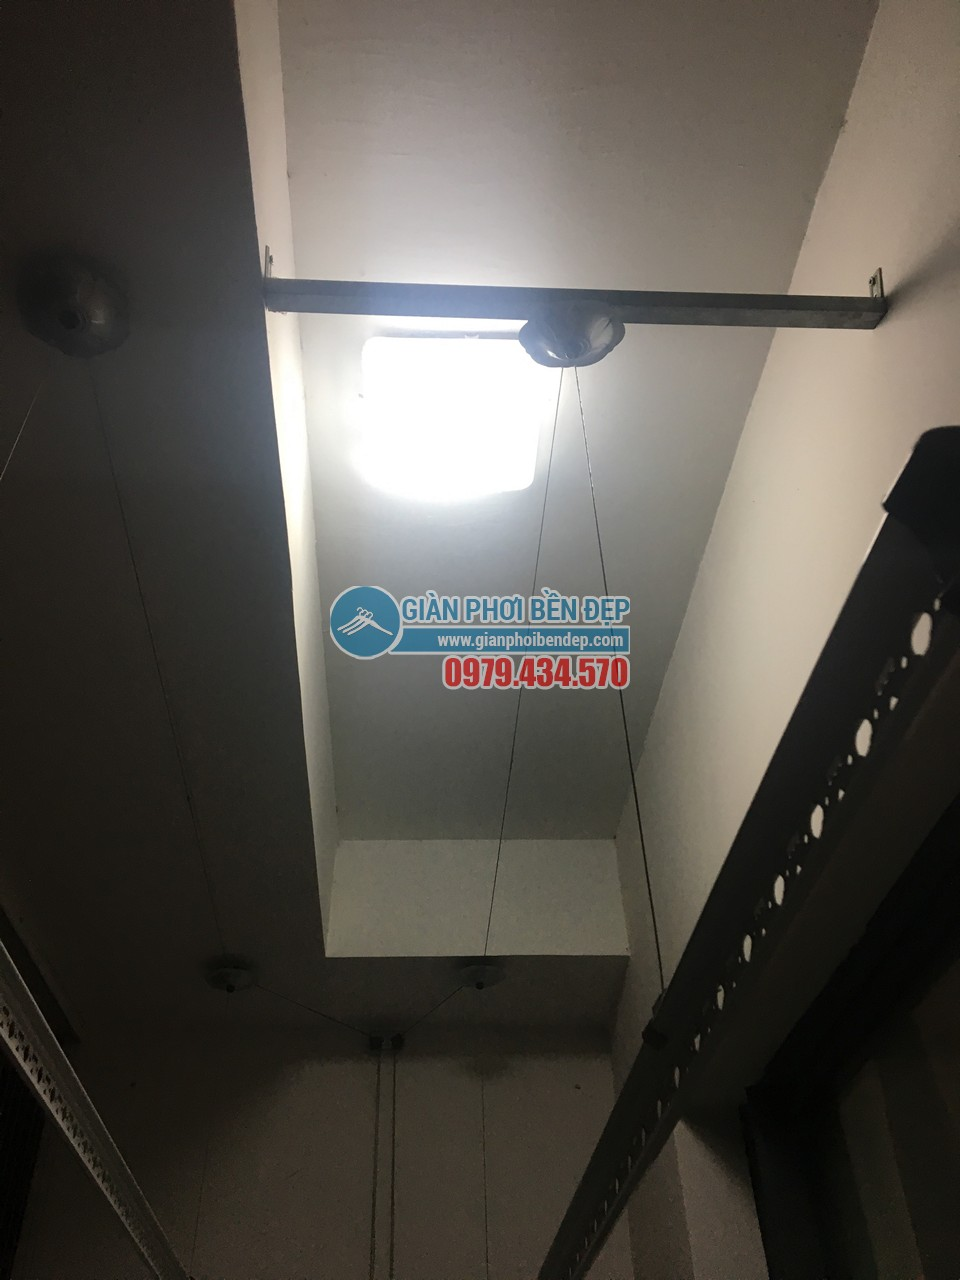 Thay dây cáp cho giàn phơi thông minh nhà chị Linh, tòa Hà Đô Park View - 04